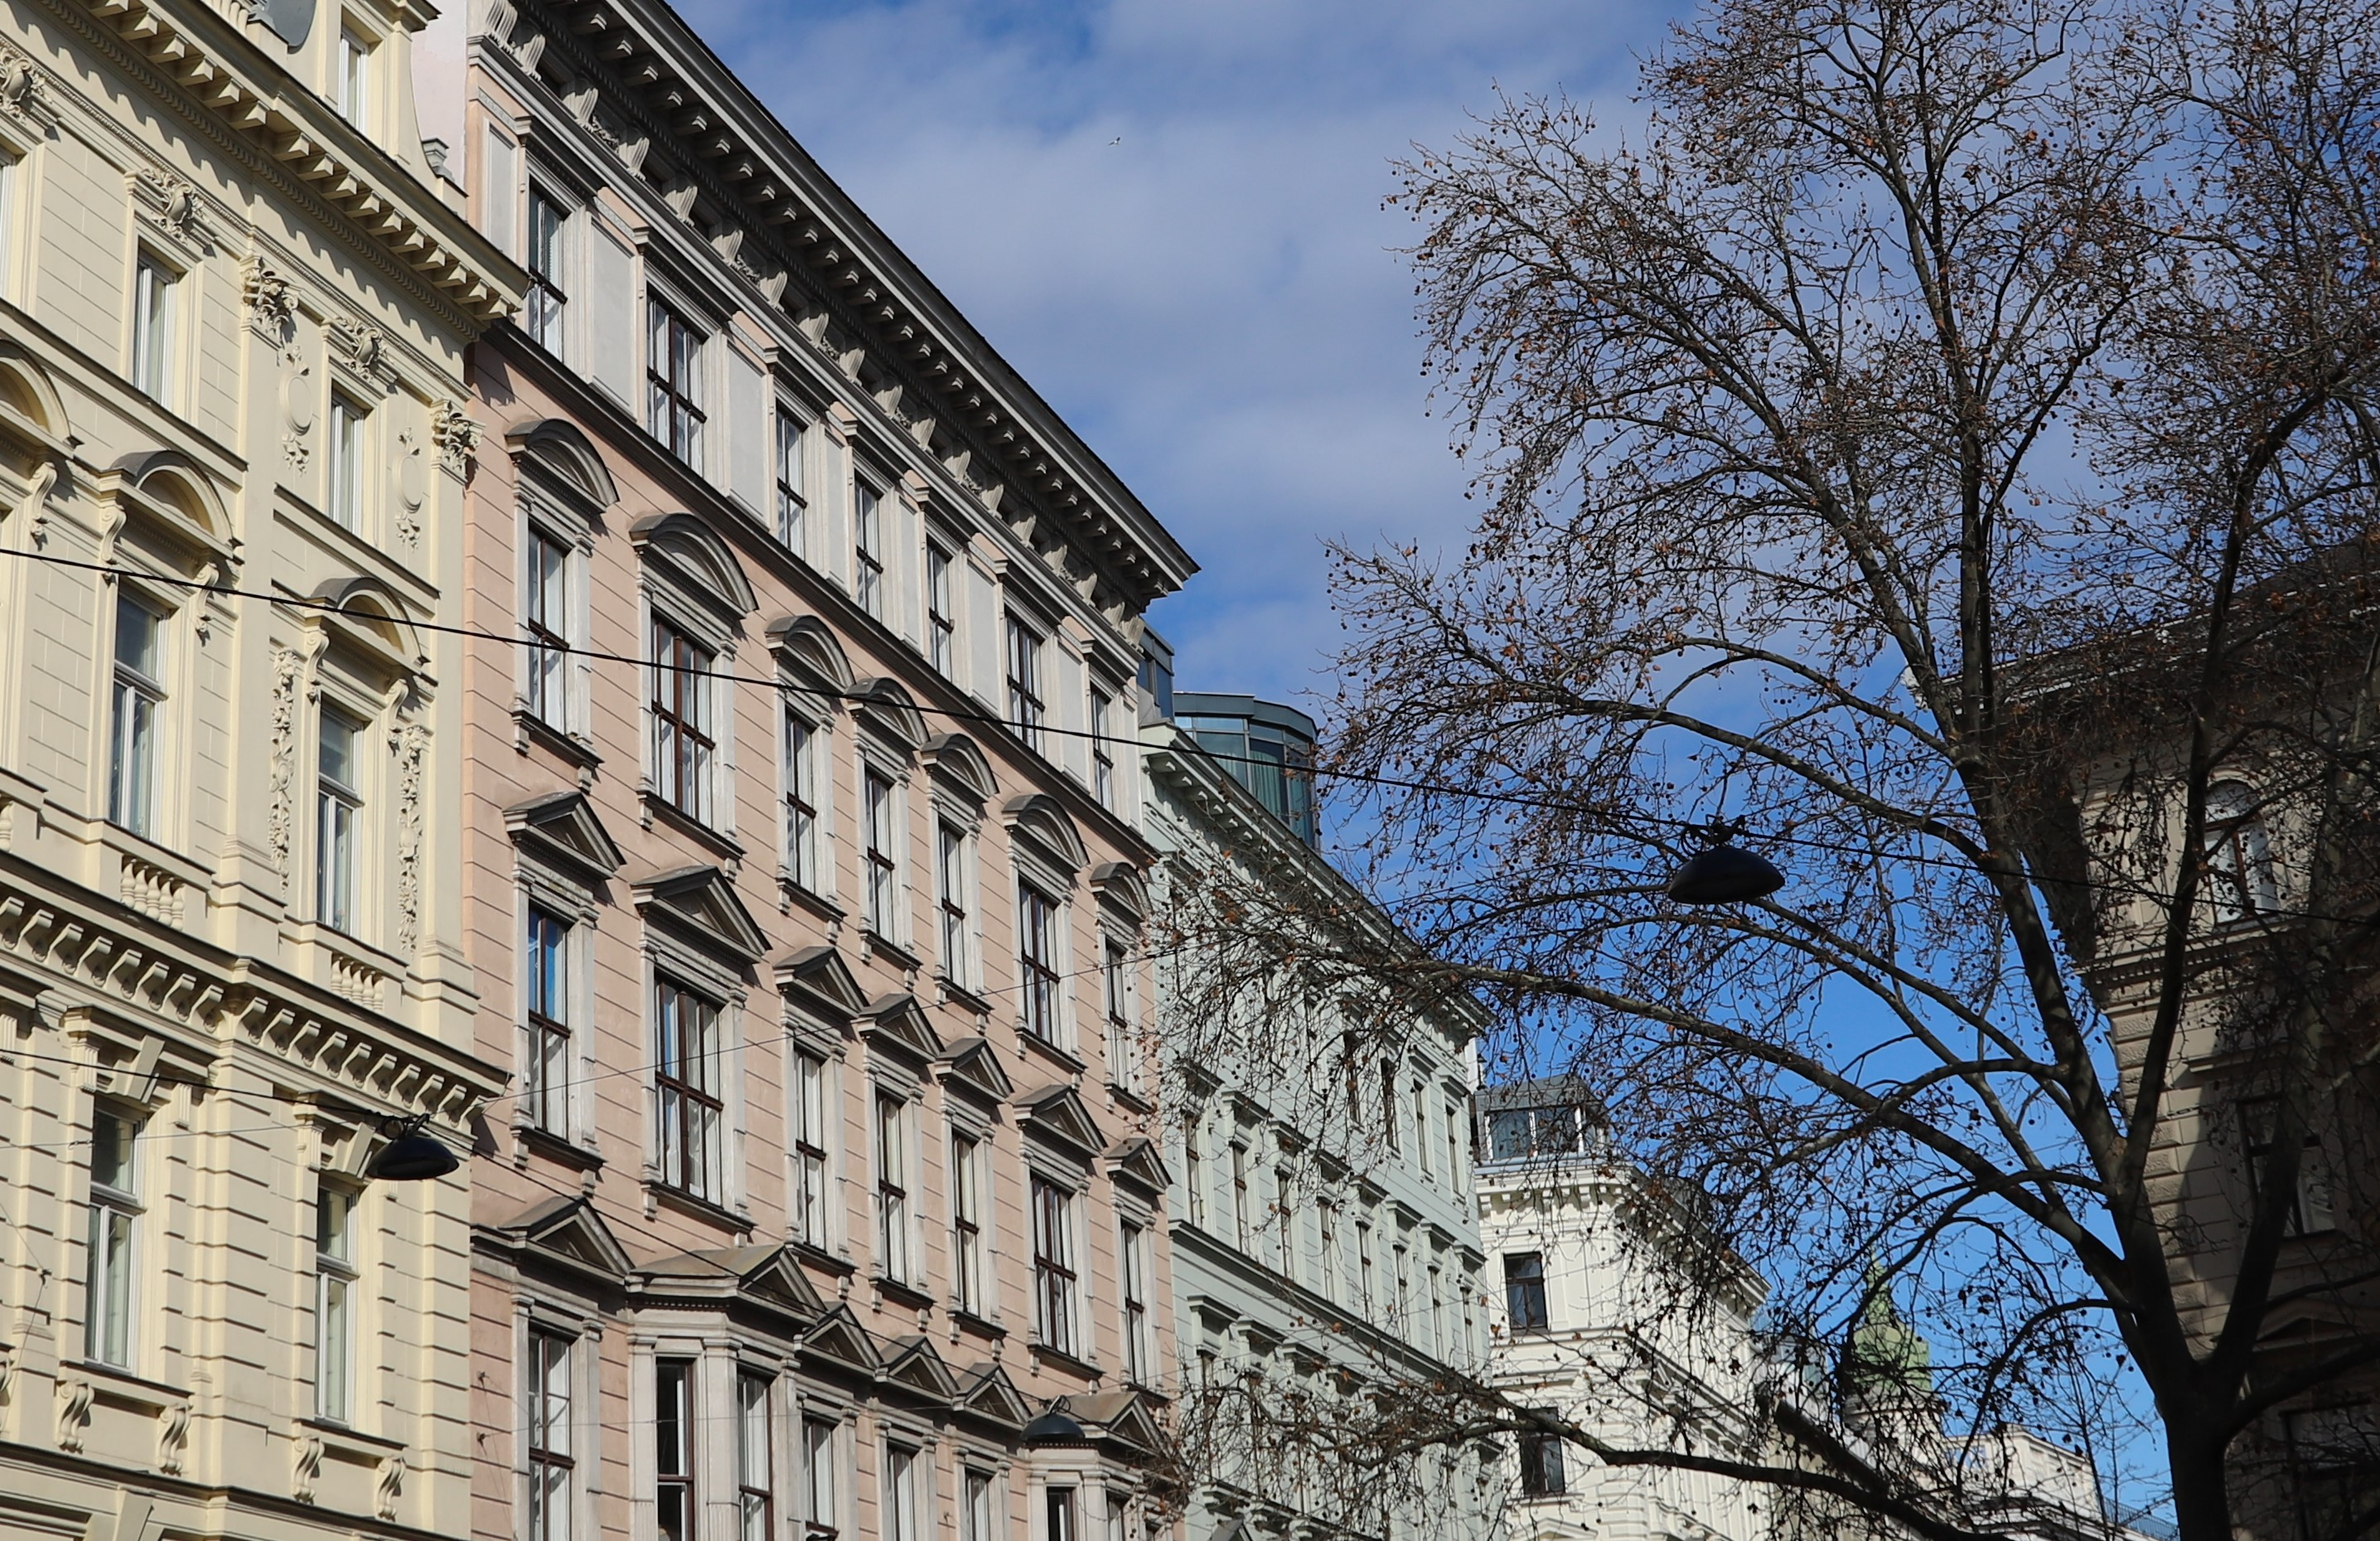 Commerzbank Altes Gebäude Frankfurt Lizenzfreies Bild Herunterladen